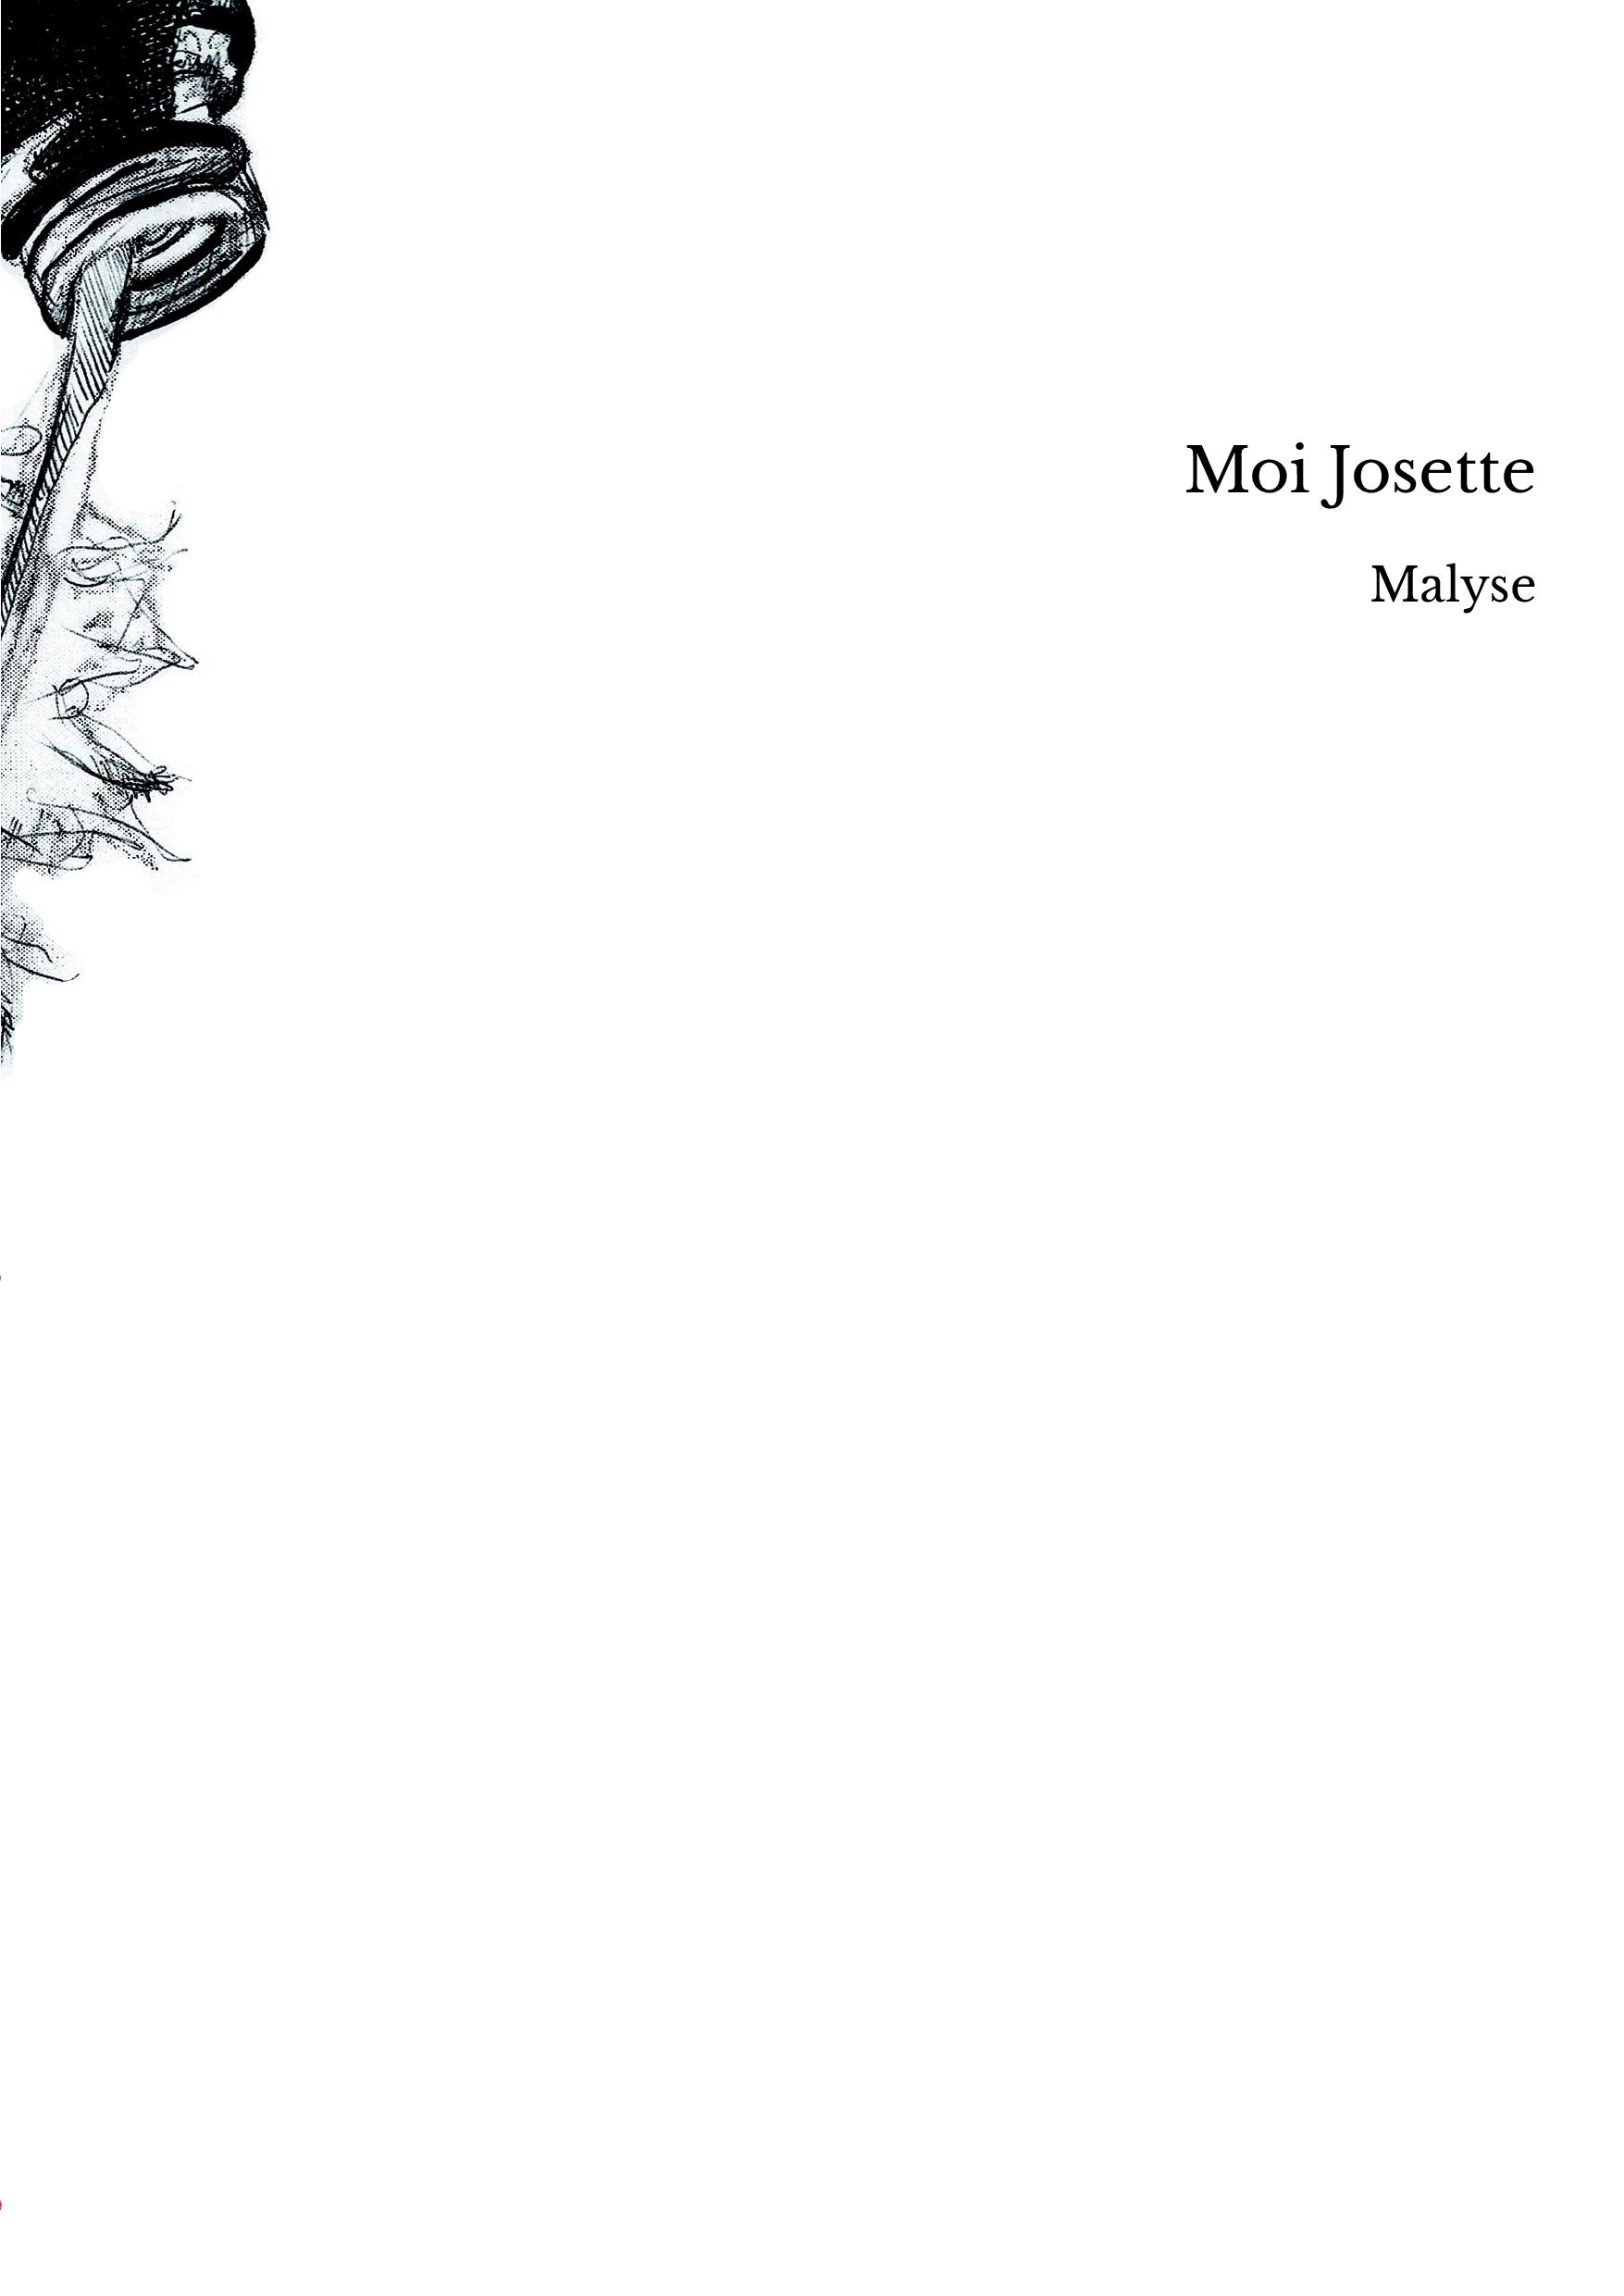 Moi Josette